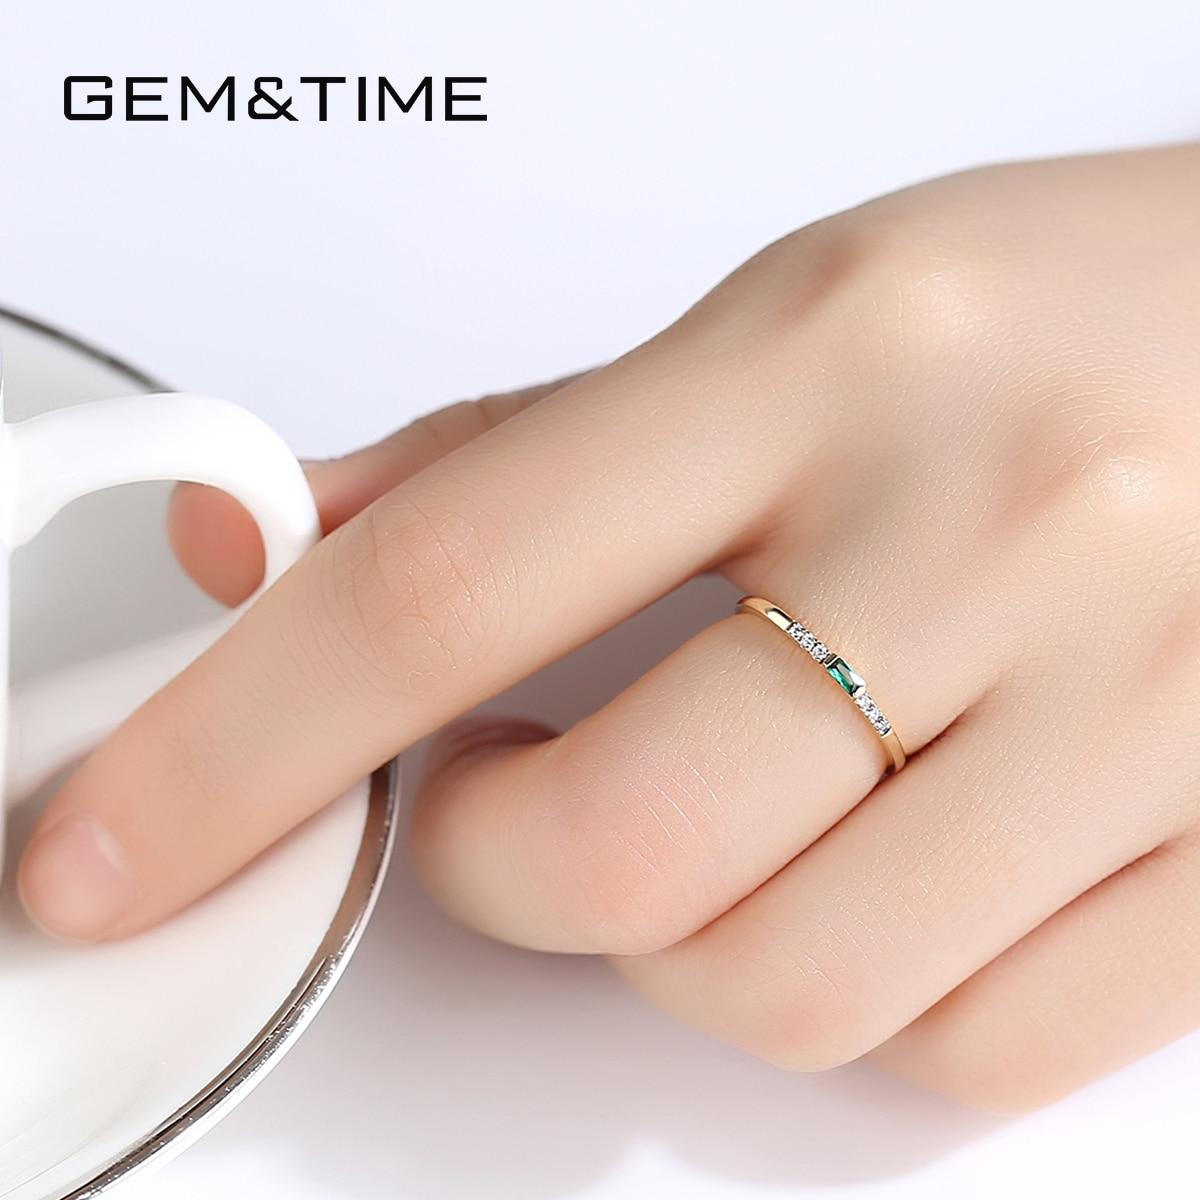 Gem & Time luxe réel 14k or anneaux émeraude pierres précieuses anneaux pour femmes fiançailles alliance or jaune 585 Fine bijoux R14140 - 5